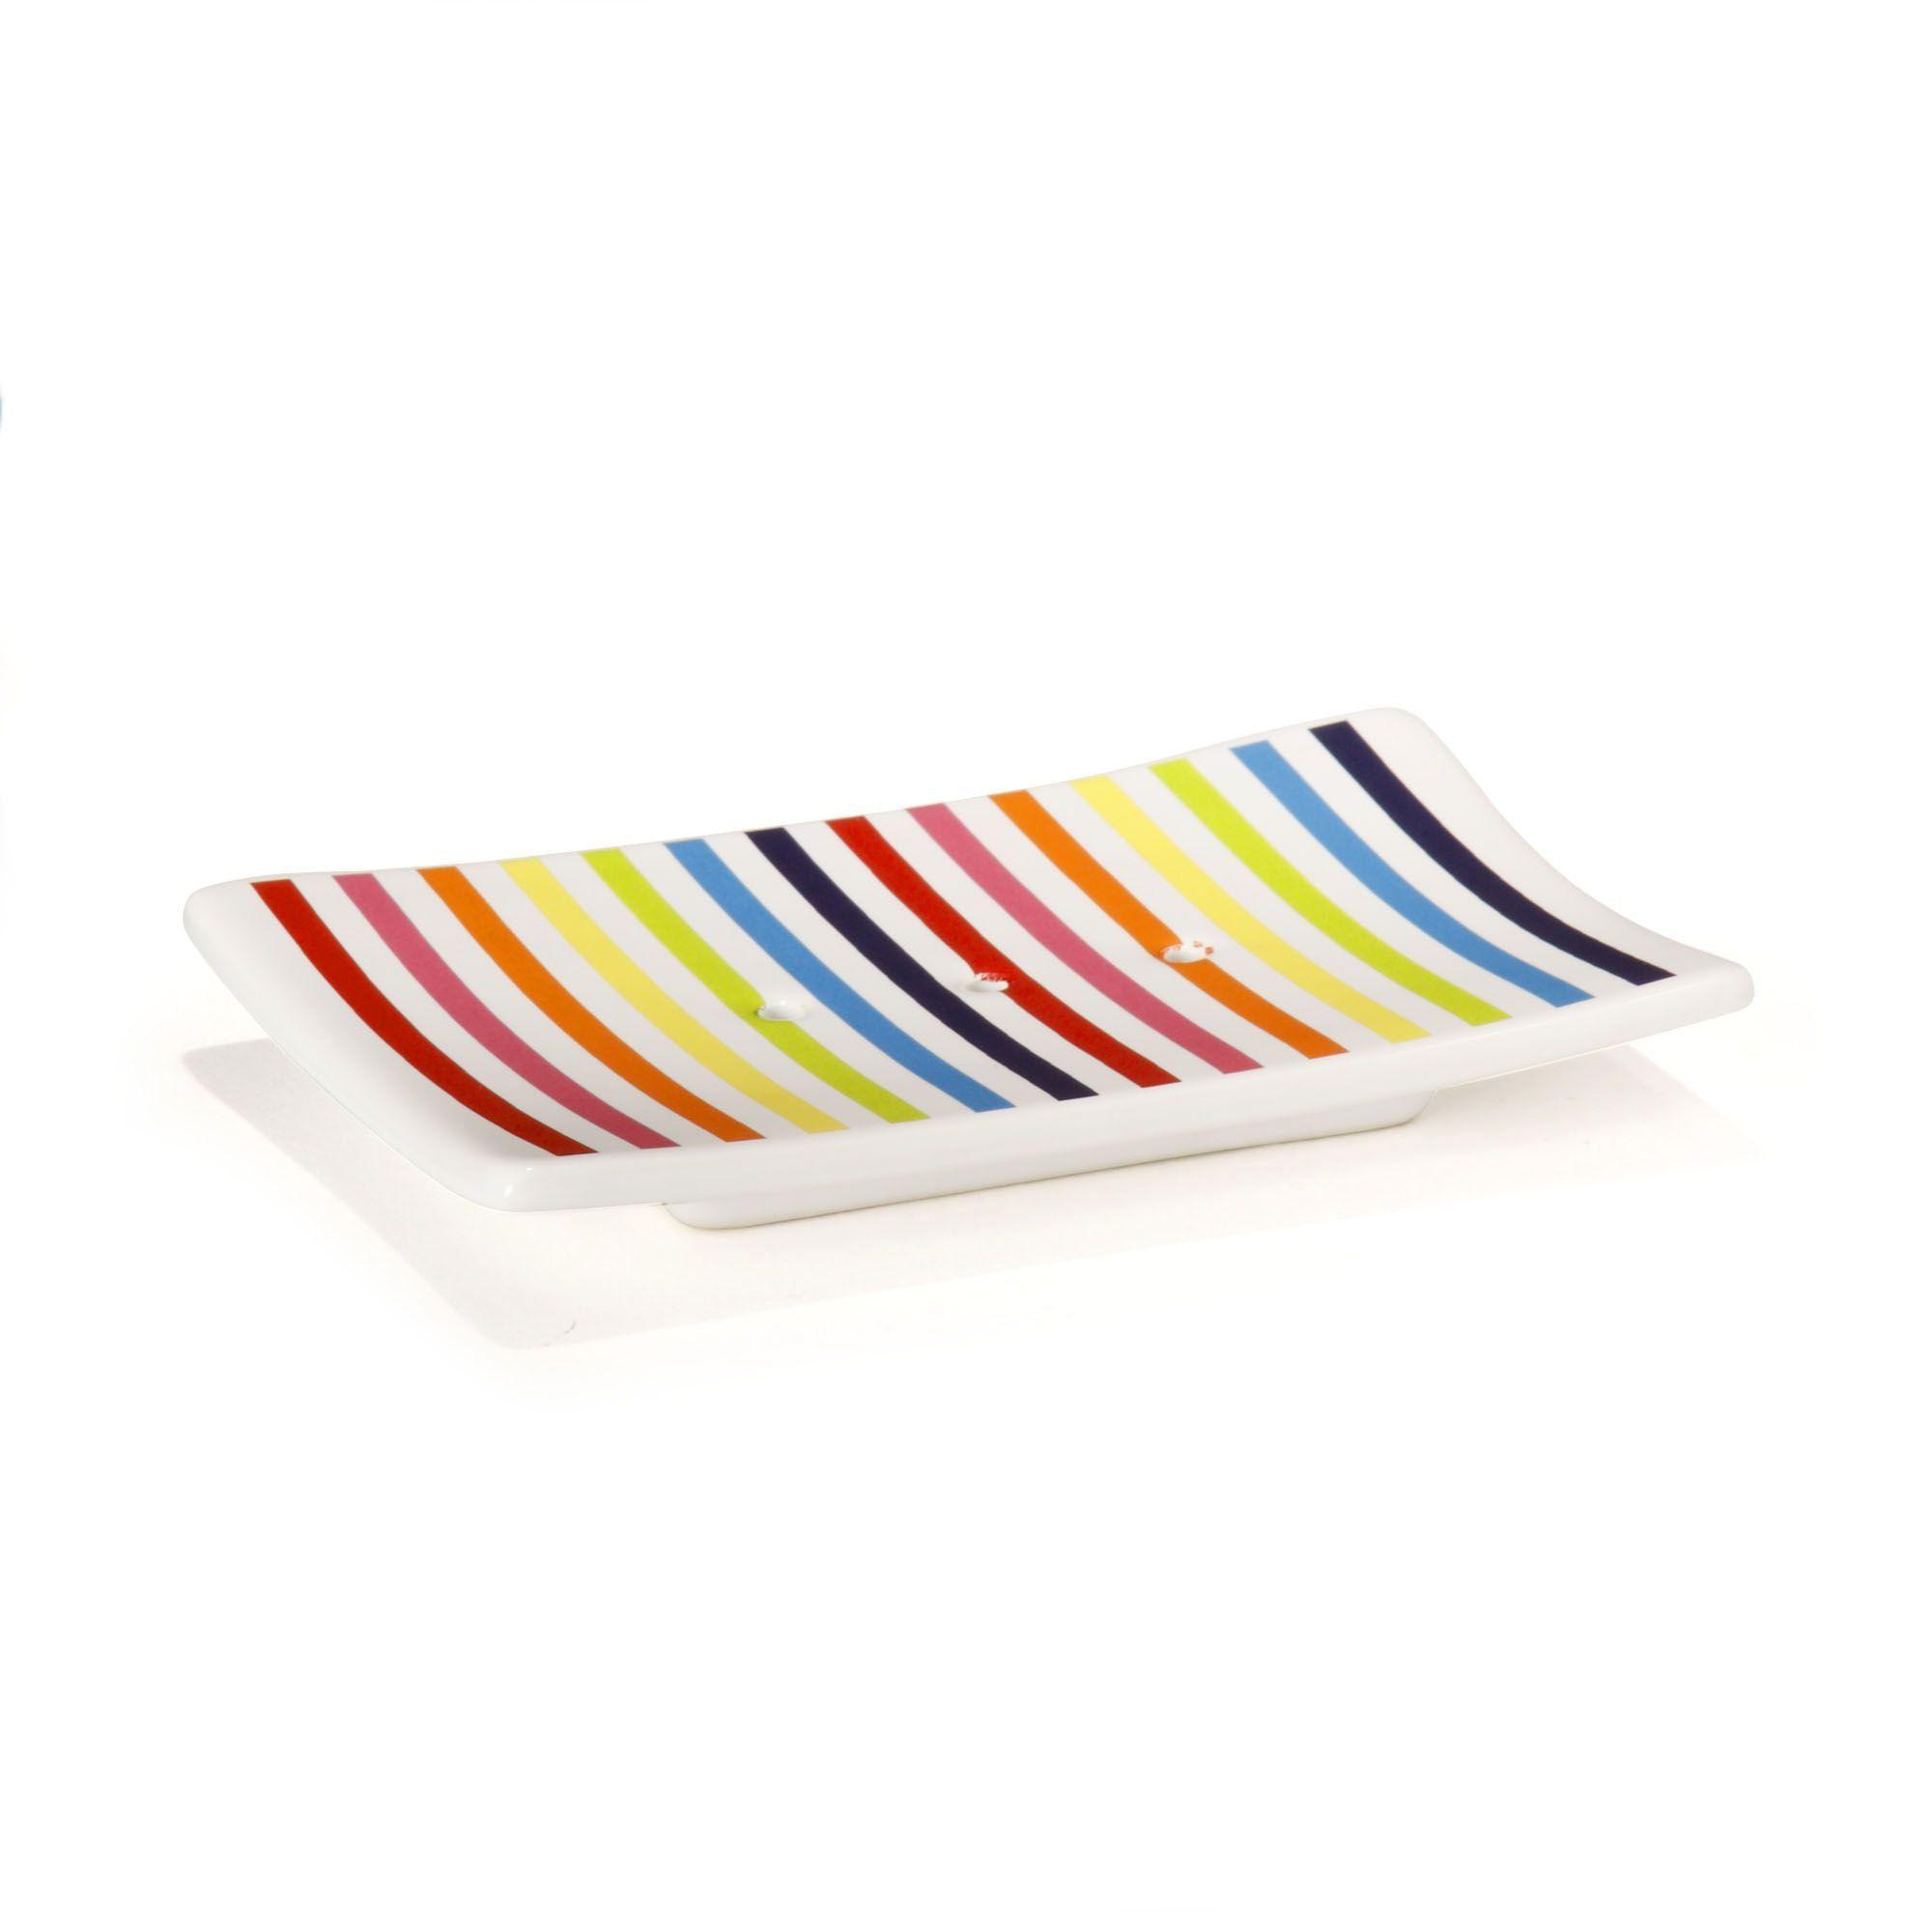 en cramique multicolore shine porte savons et distributeurs accessoires de salle de bains toute la dco dcoration dintrieur alina plus - Alinea Salle De Bain Accessoires